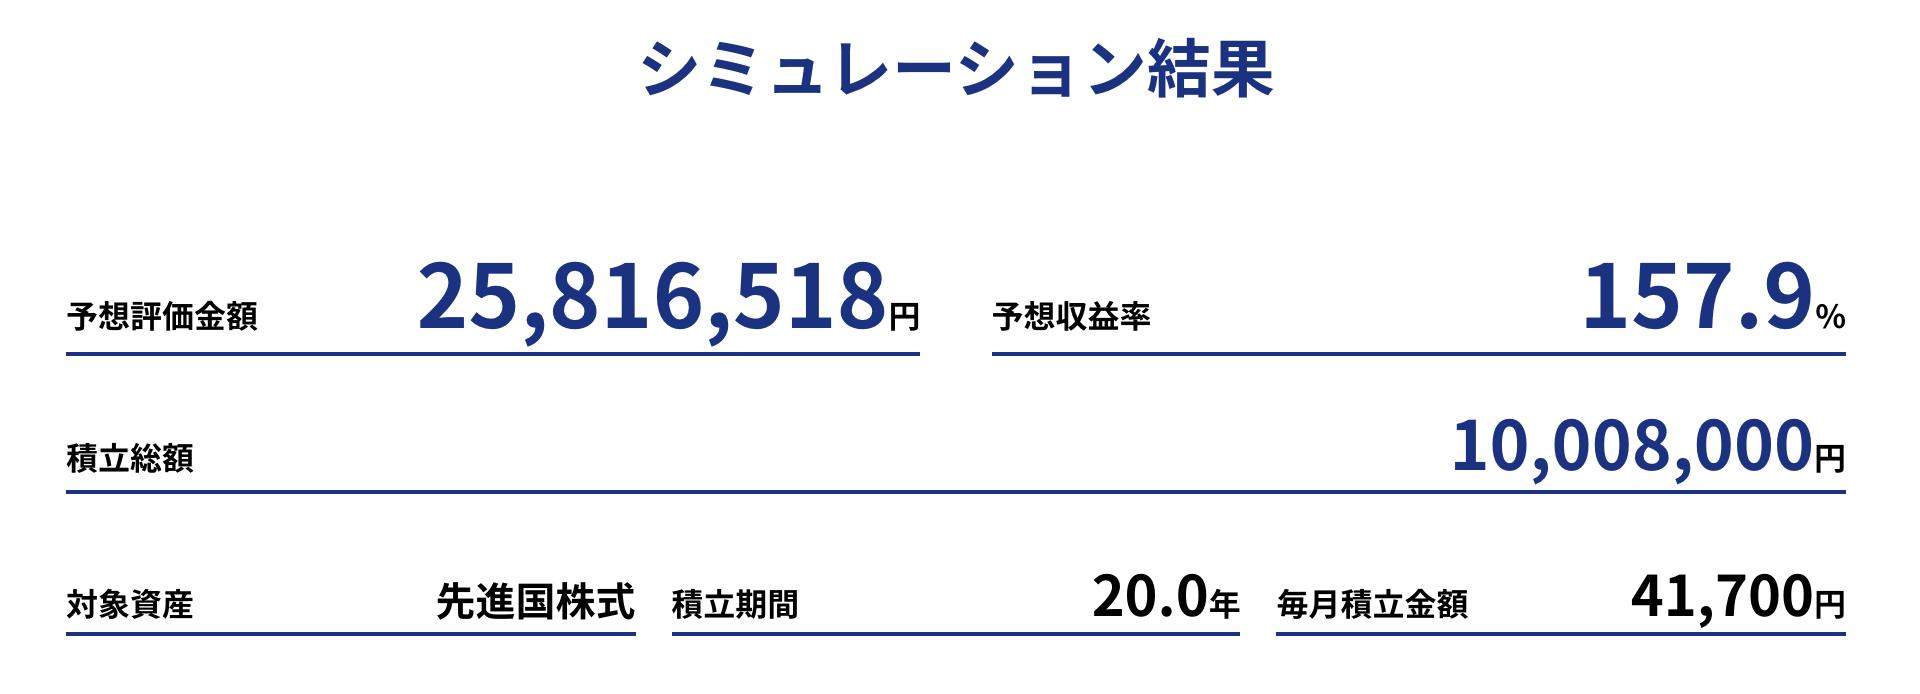 1,000万円積立投資シミュレーション